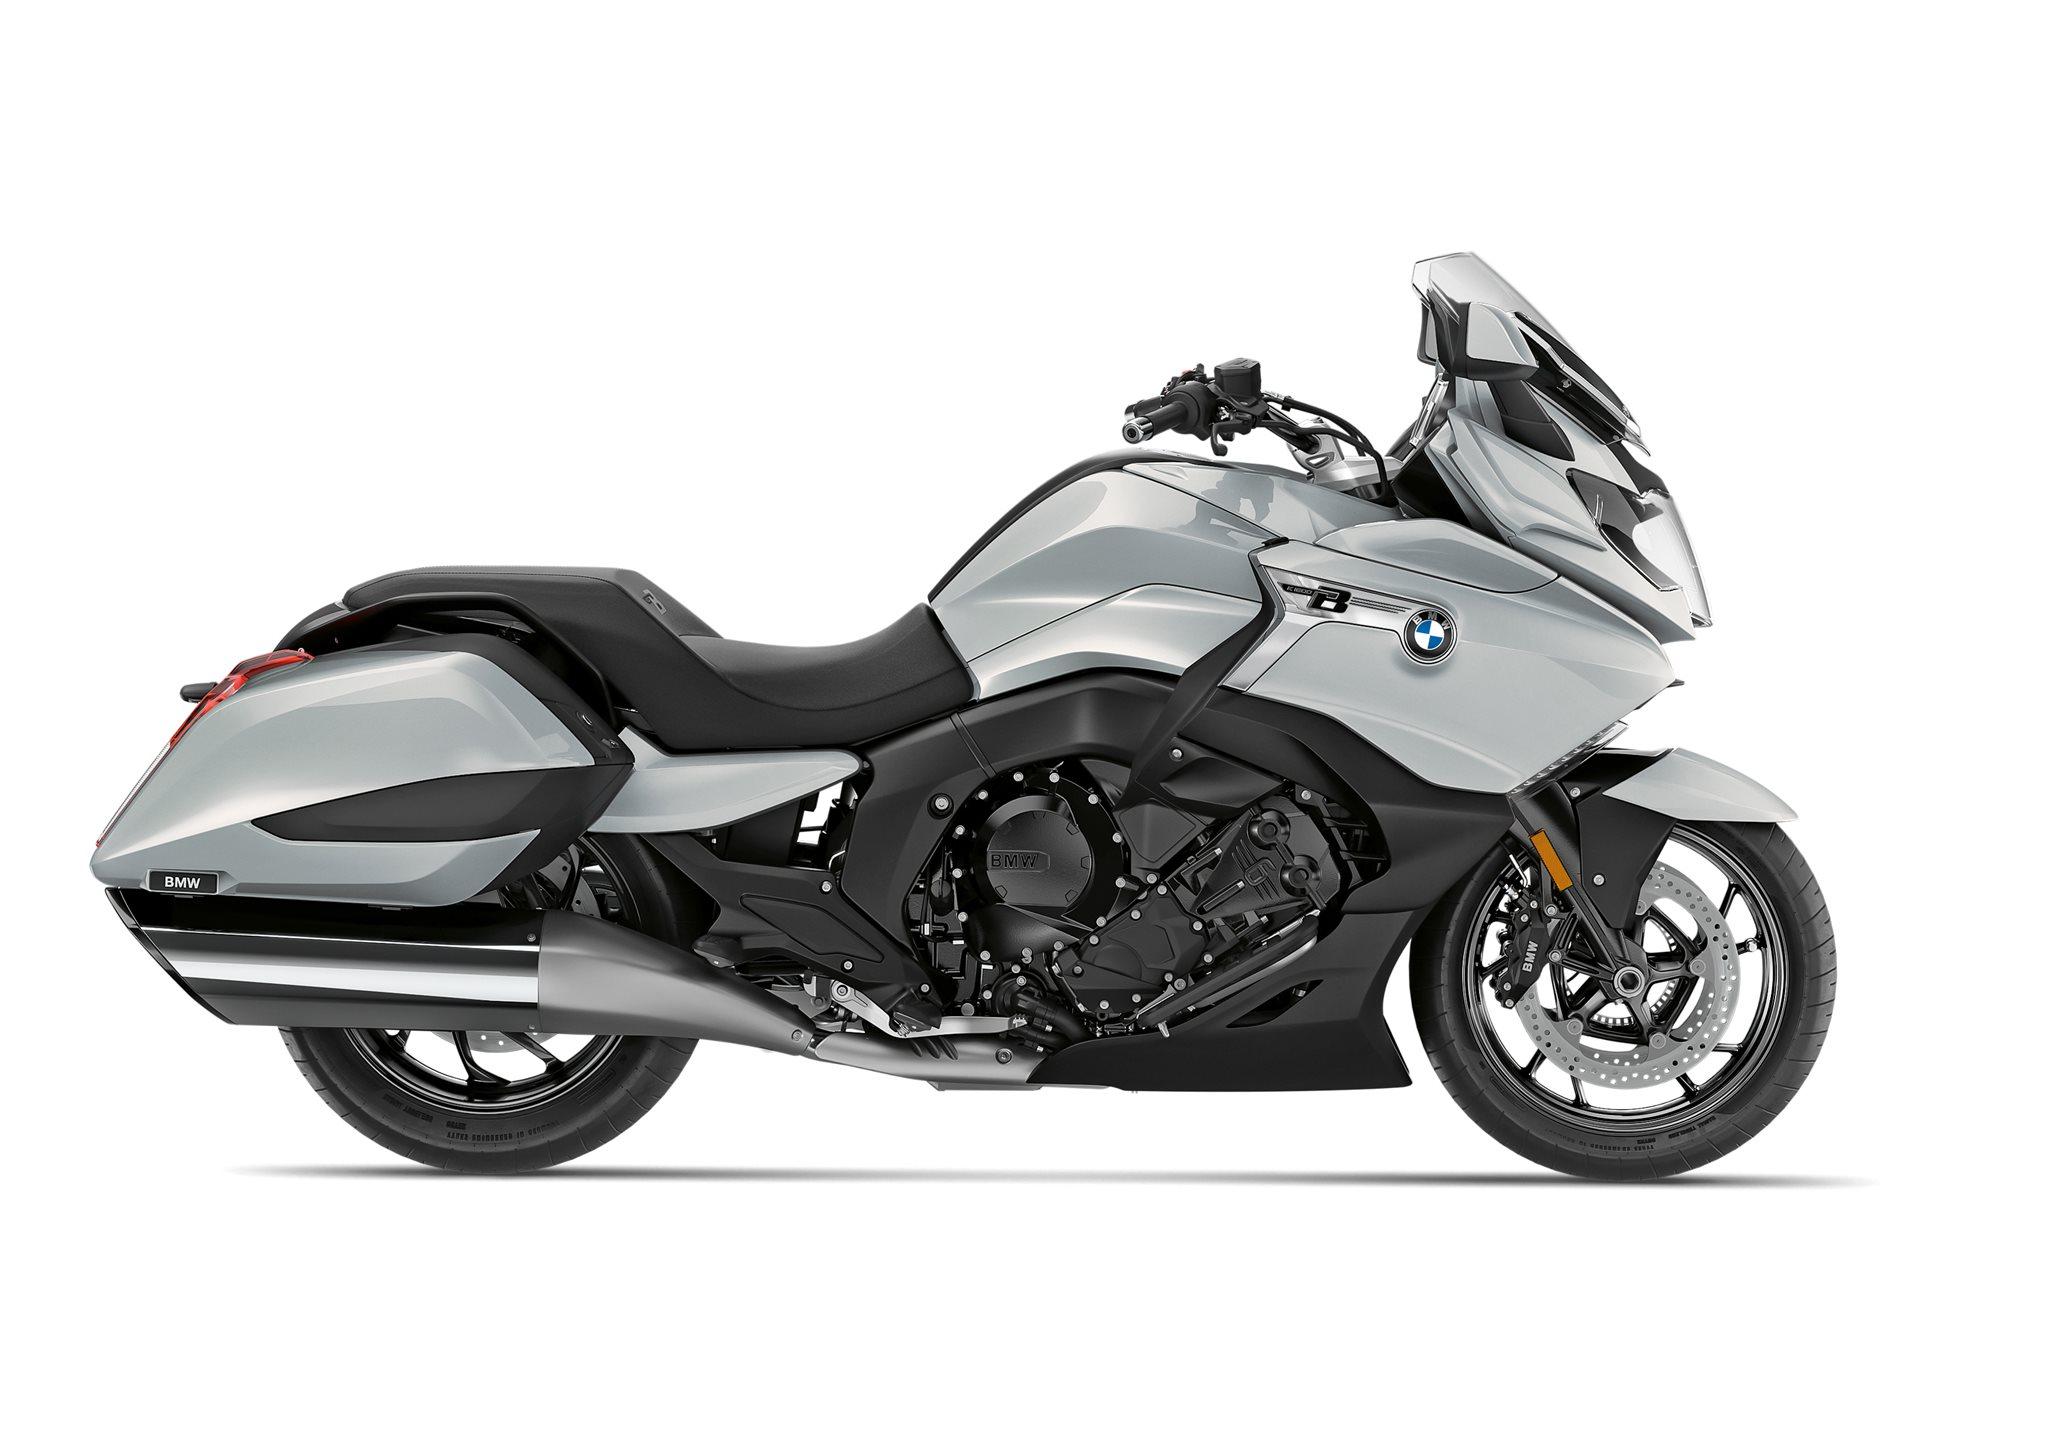 Gebrauchte Und Neue Bmw K 1600 B Motorräder Kaufen